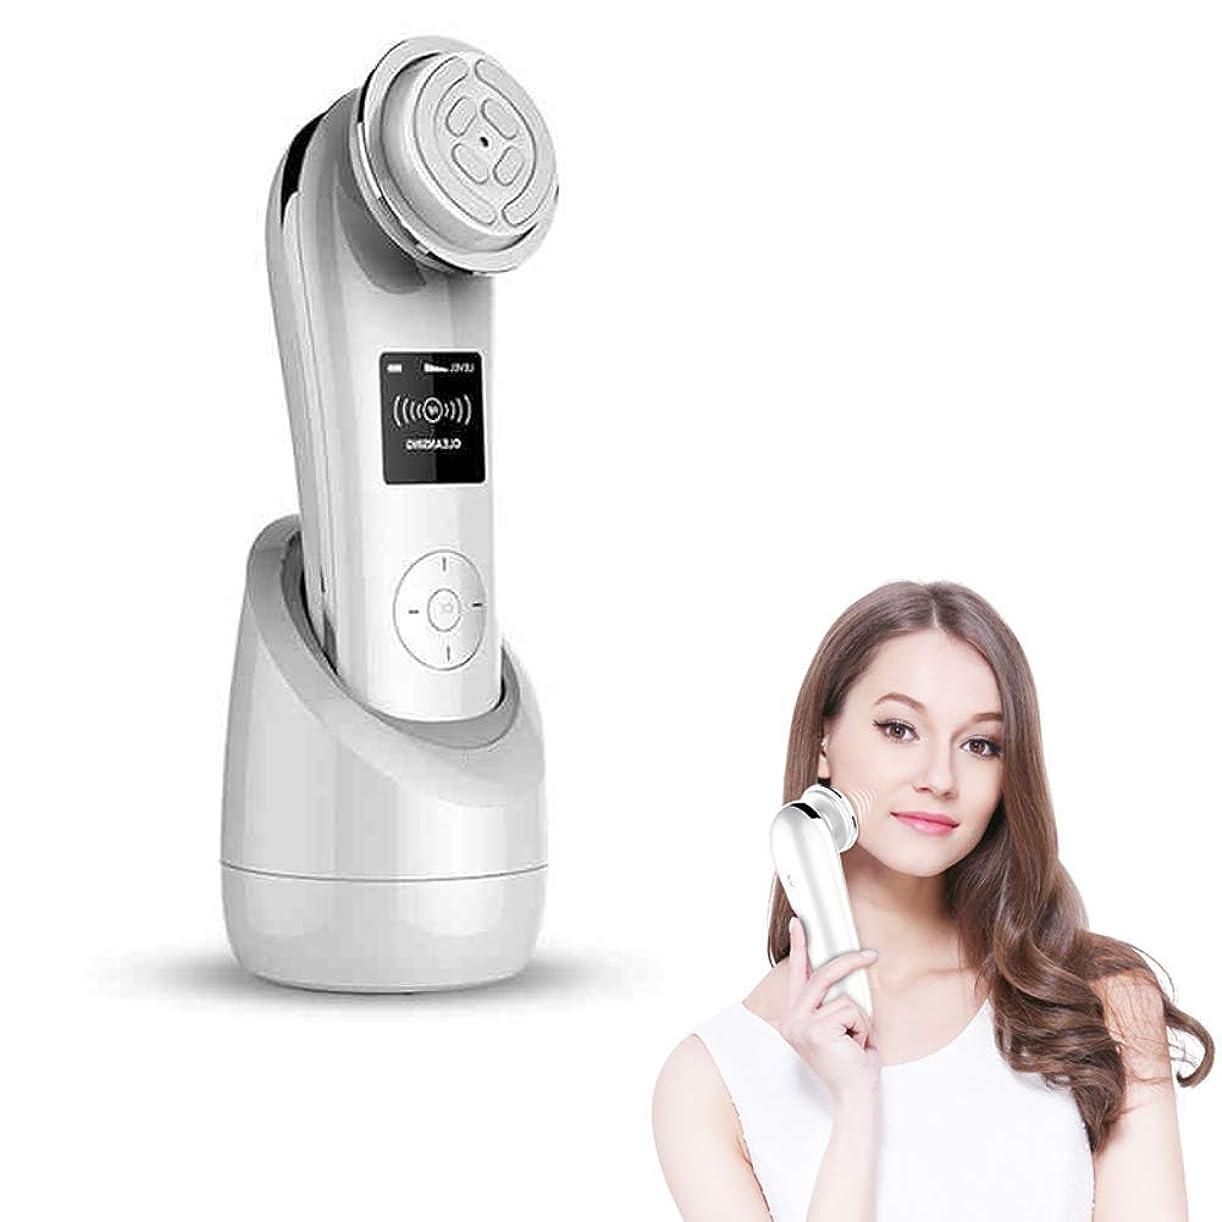 アンドリューハリディアクセサリー所持美容機EMS LED光子顔リフティング引き締めマッサージ顔RF肌の若返り反年齢ディープクリーニングデバイス